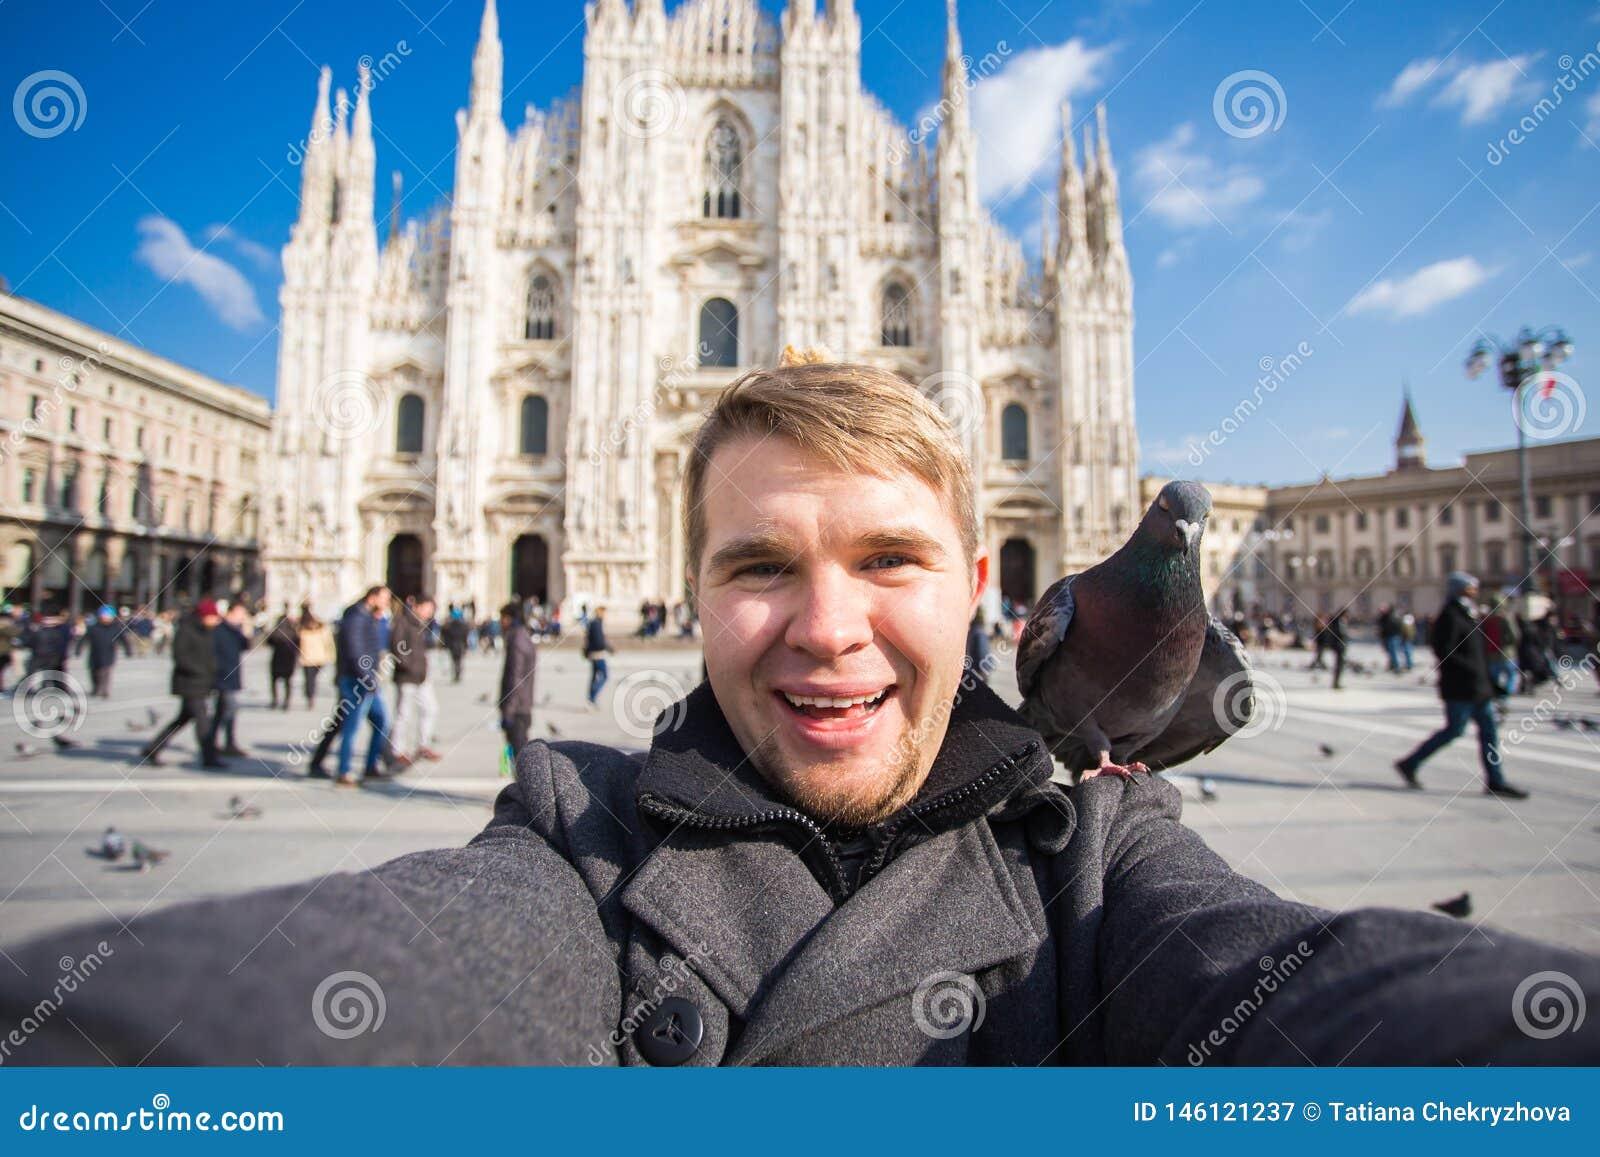 Vinterlopp, semestrar och fågelbegrepp - ung rolig man som tar selfie med duvor nära Milan Cathedral Duomo di